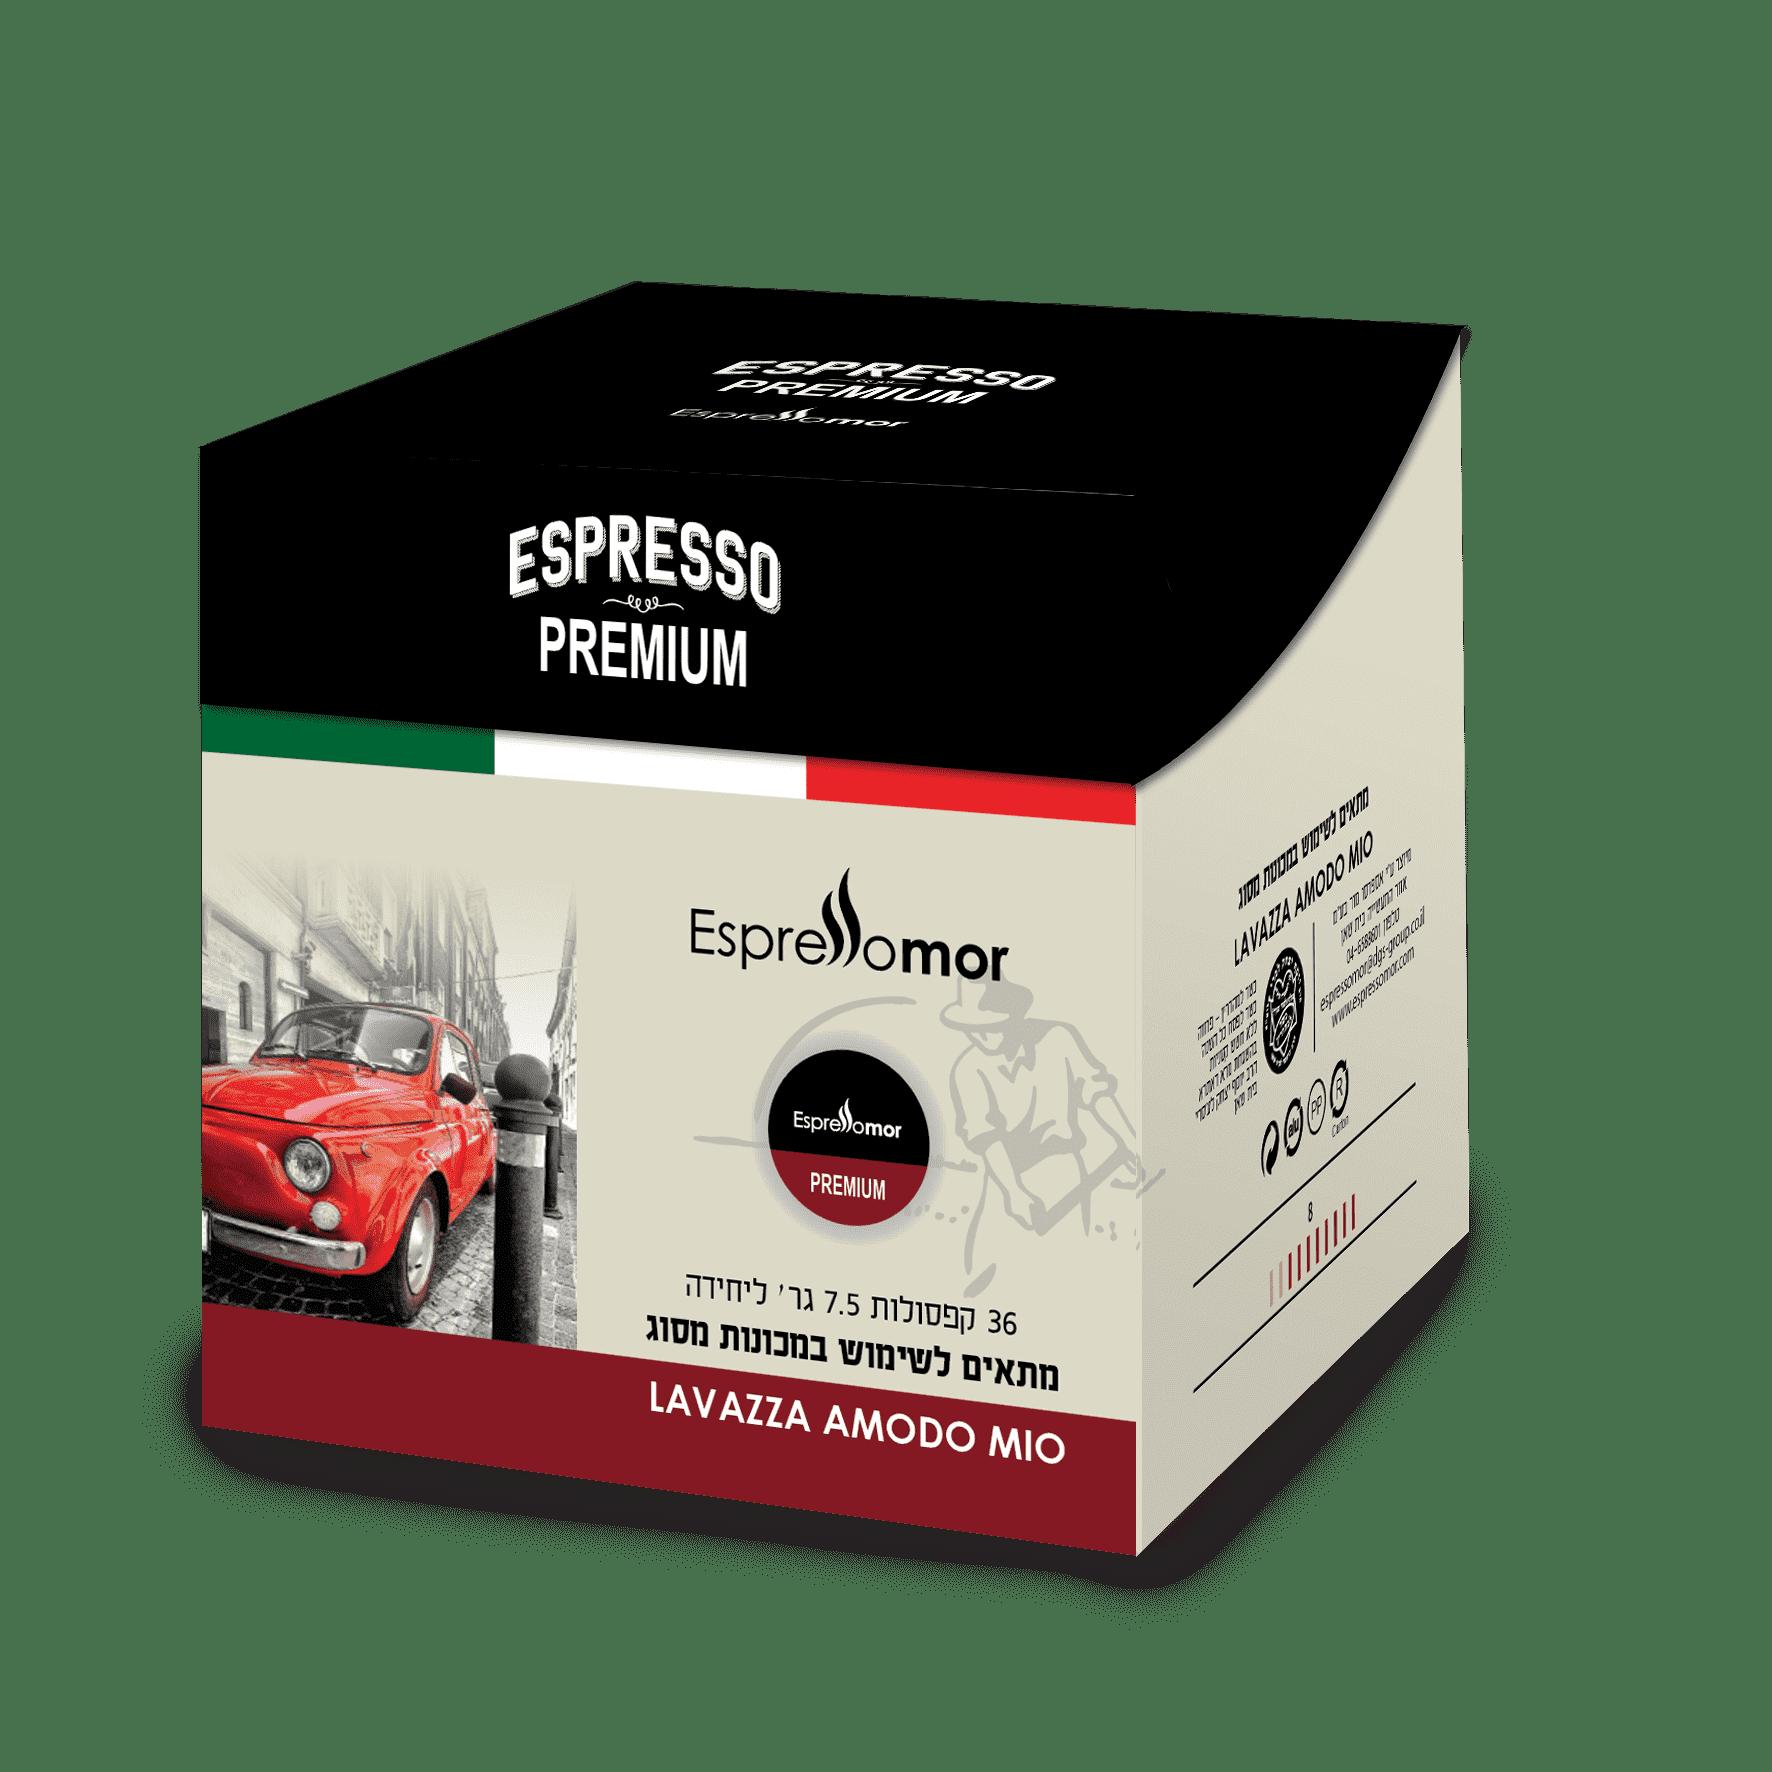 504 קפסולות Premium תואם Lavazza a modo mio , מחיר יח' 0.79 שח